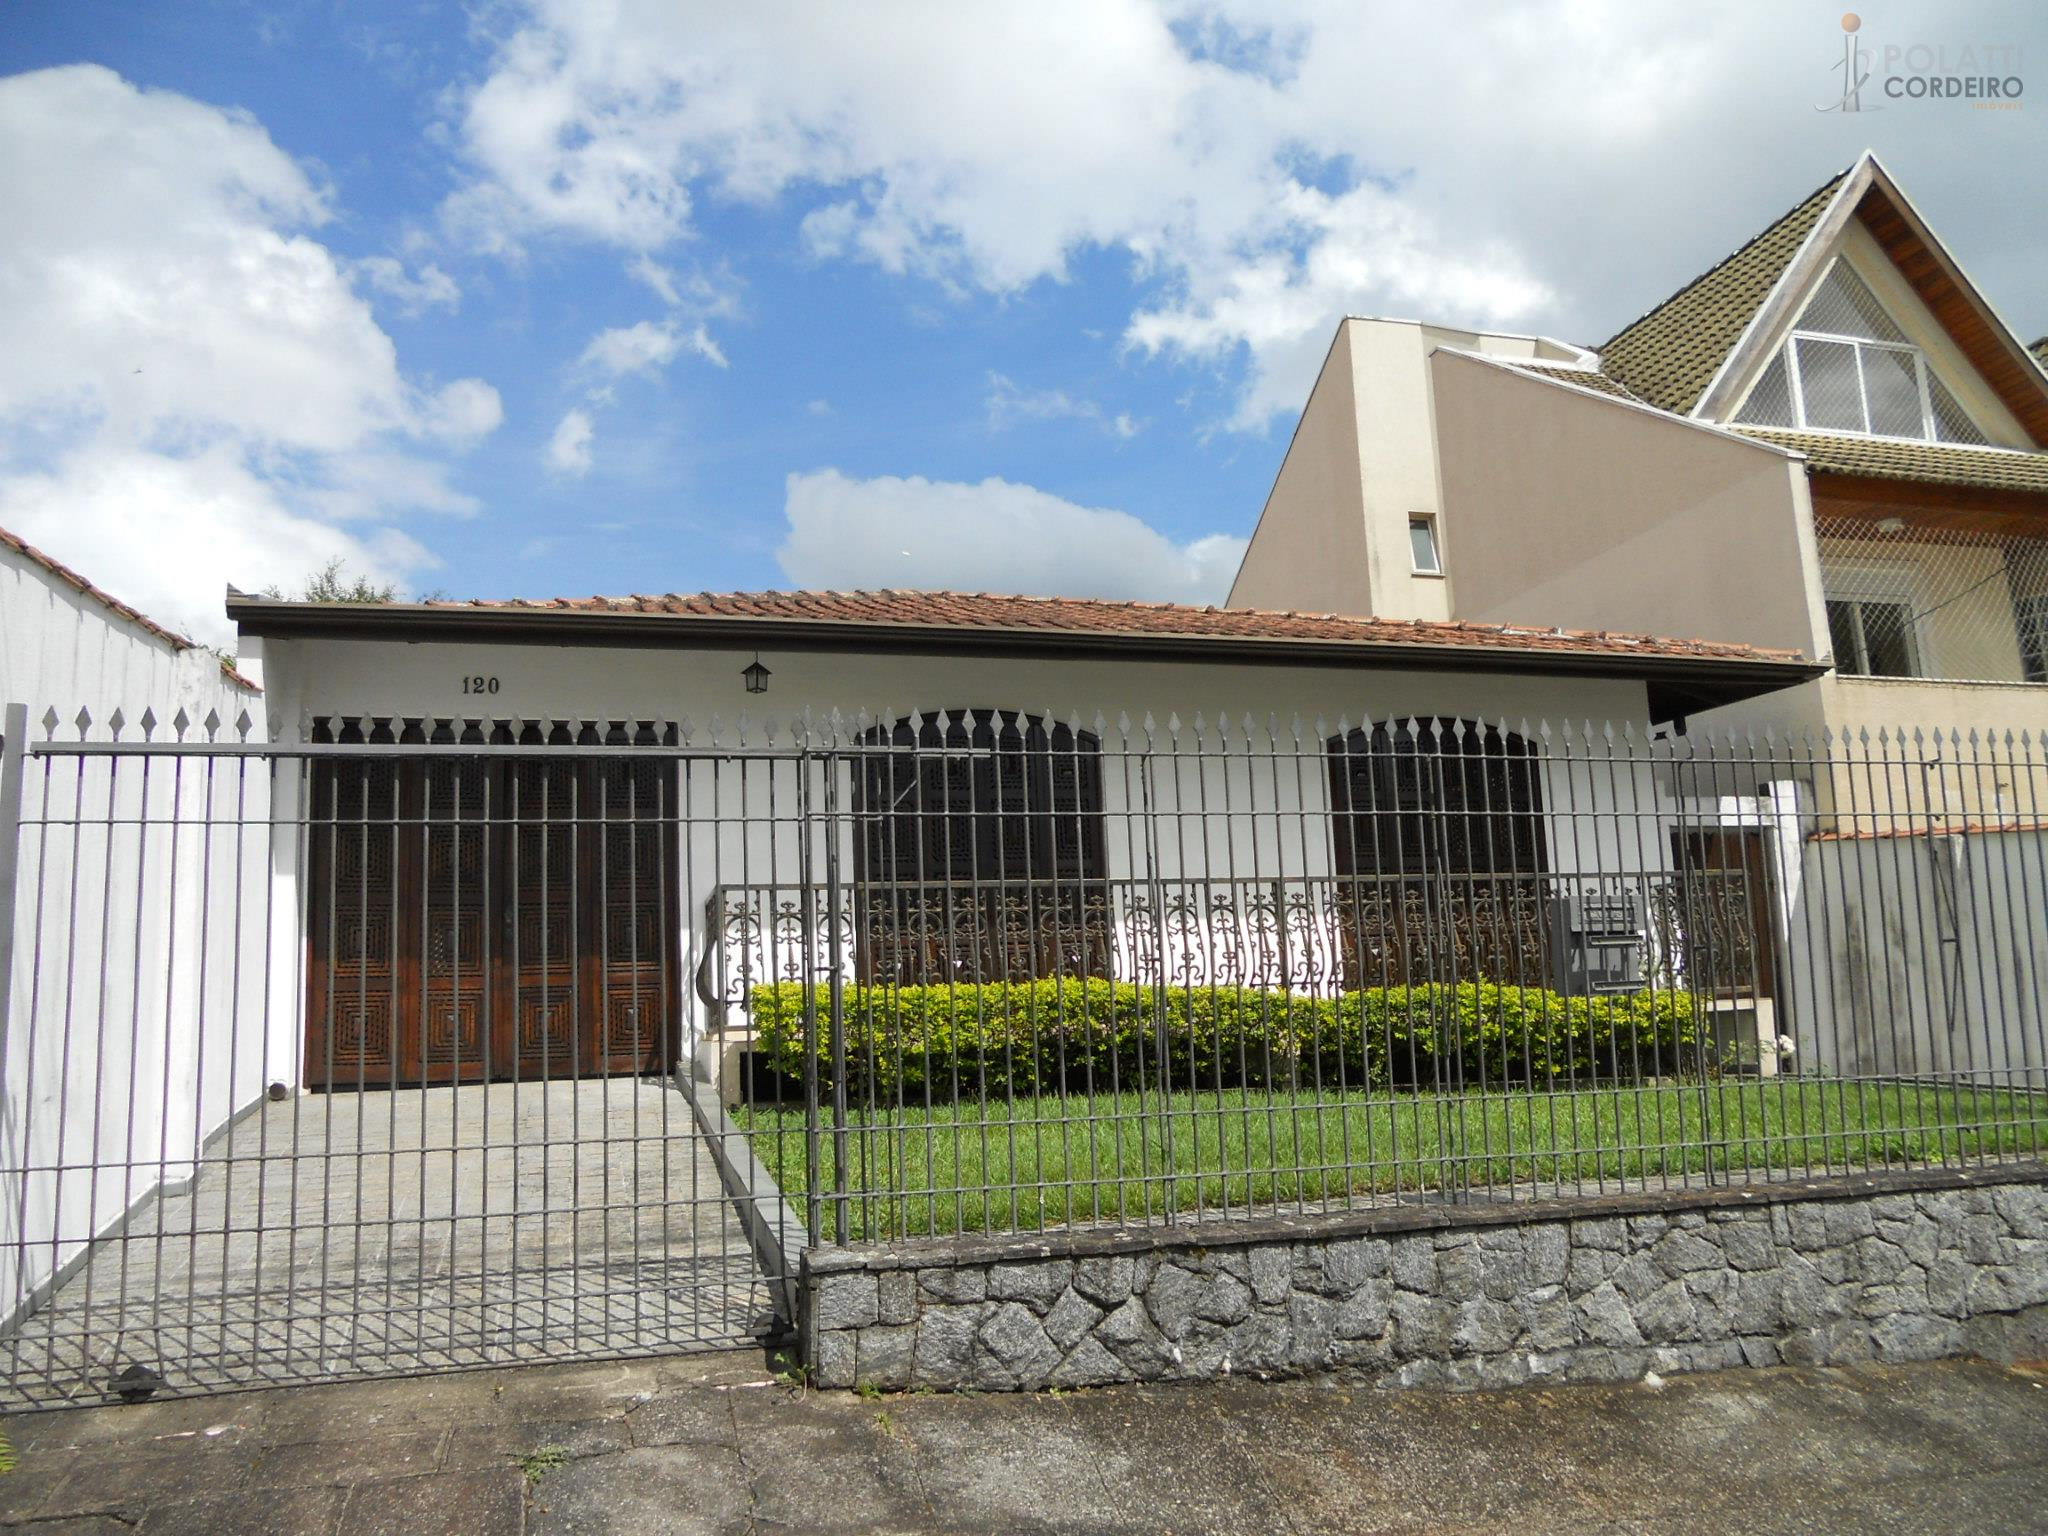 Terreno residencial à venda, Boa Vista, Curitiba - TE0002.